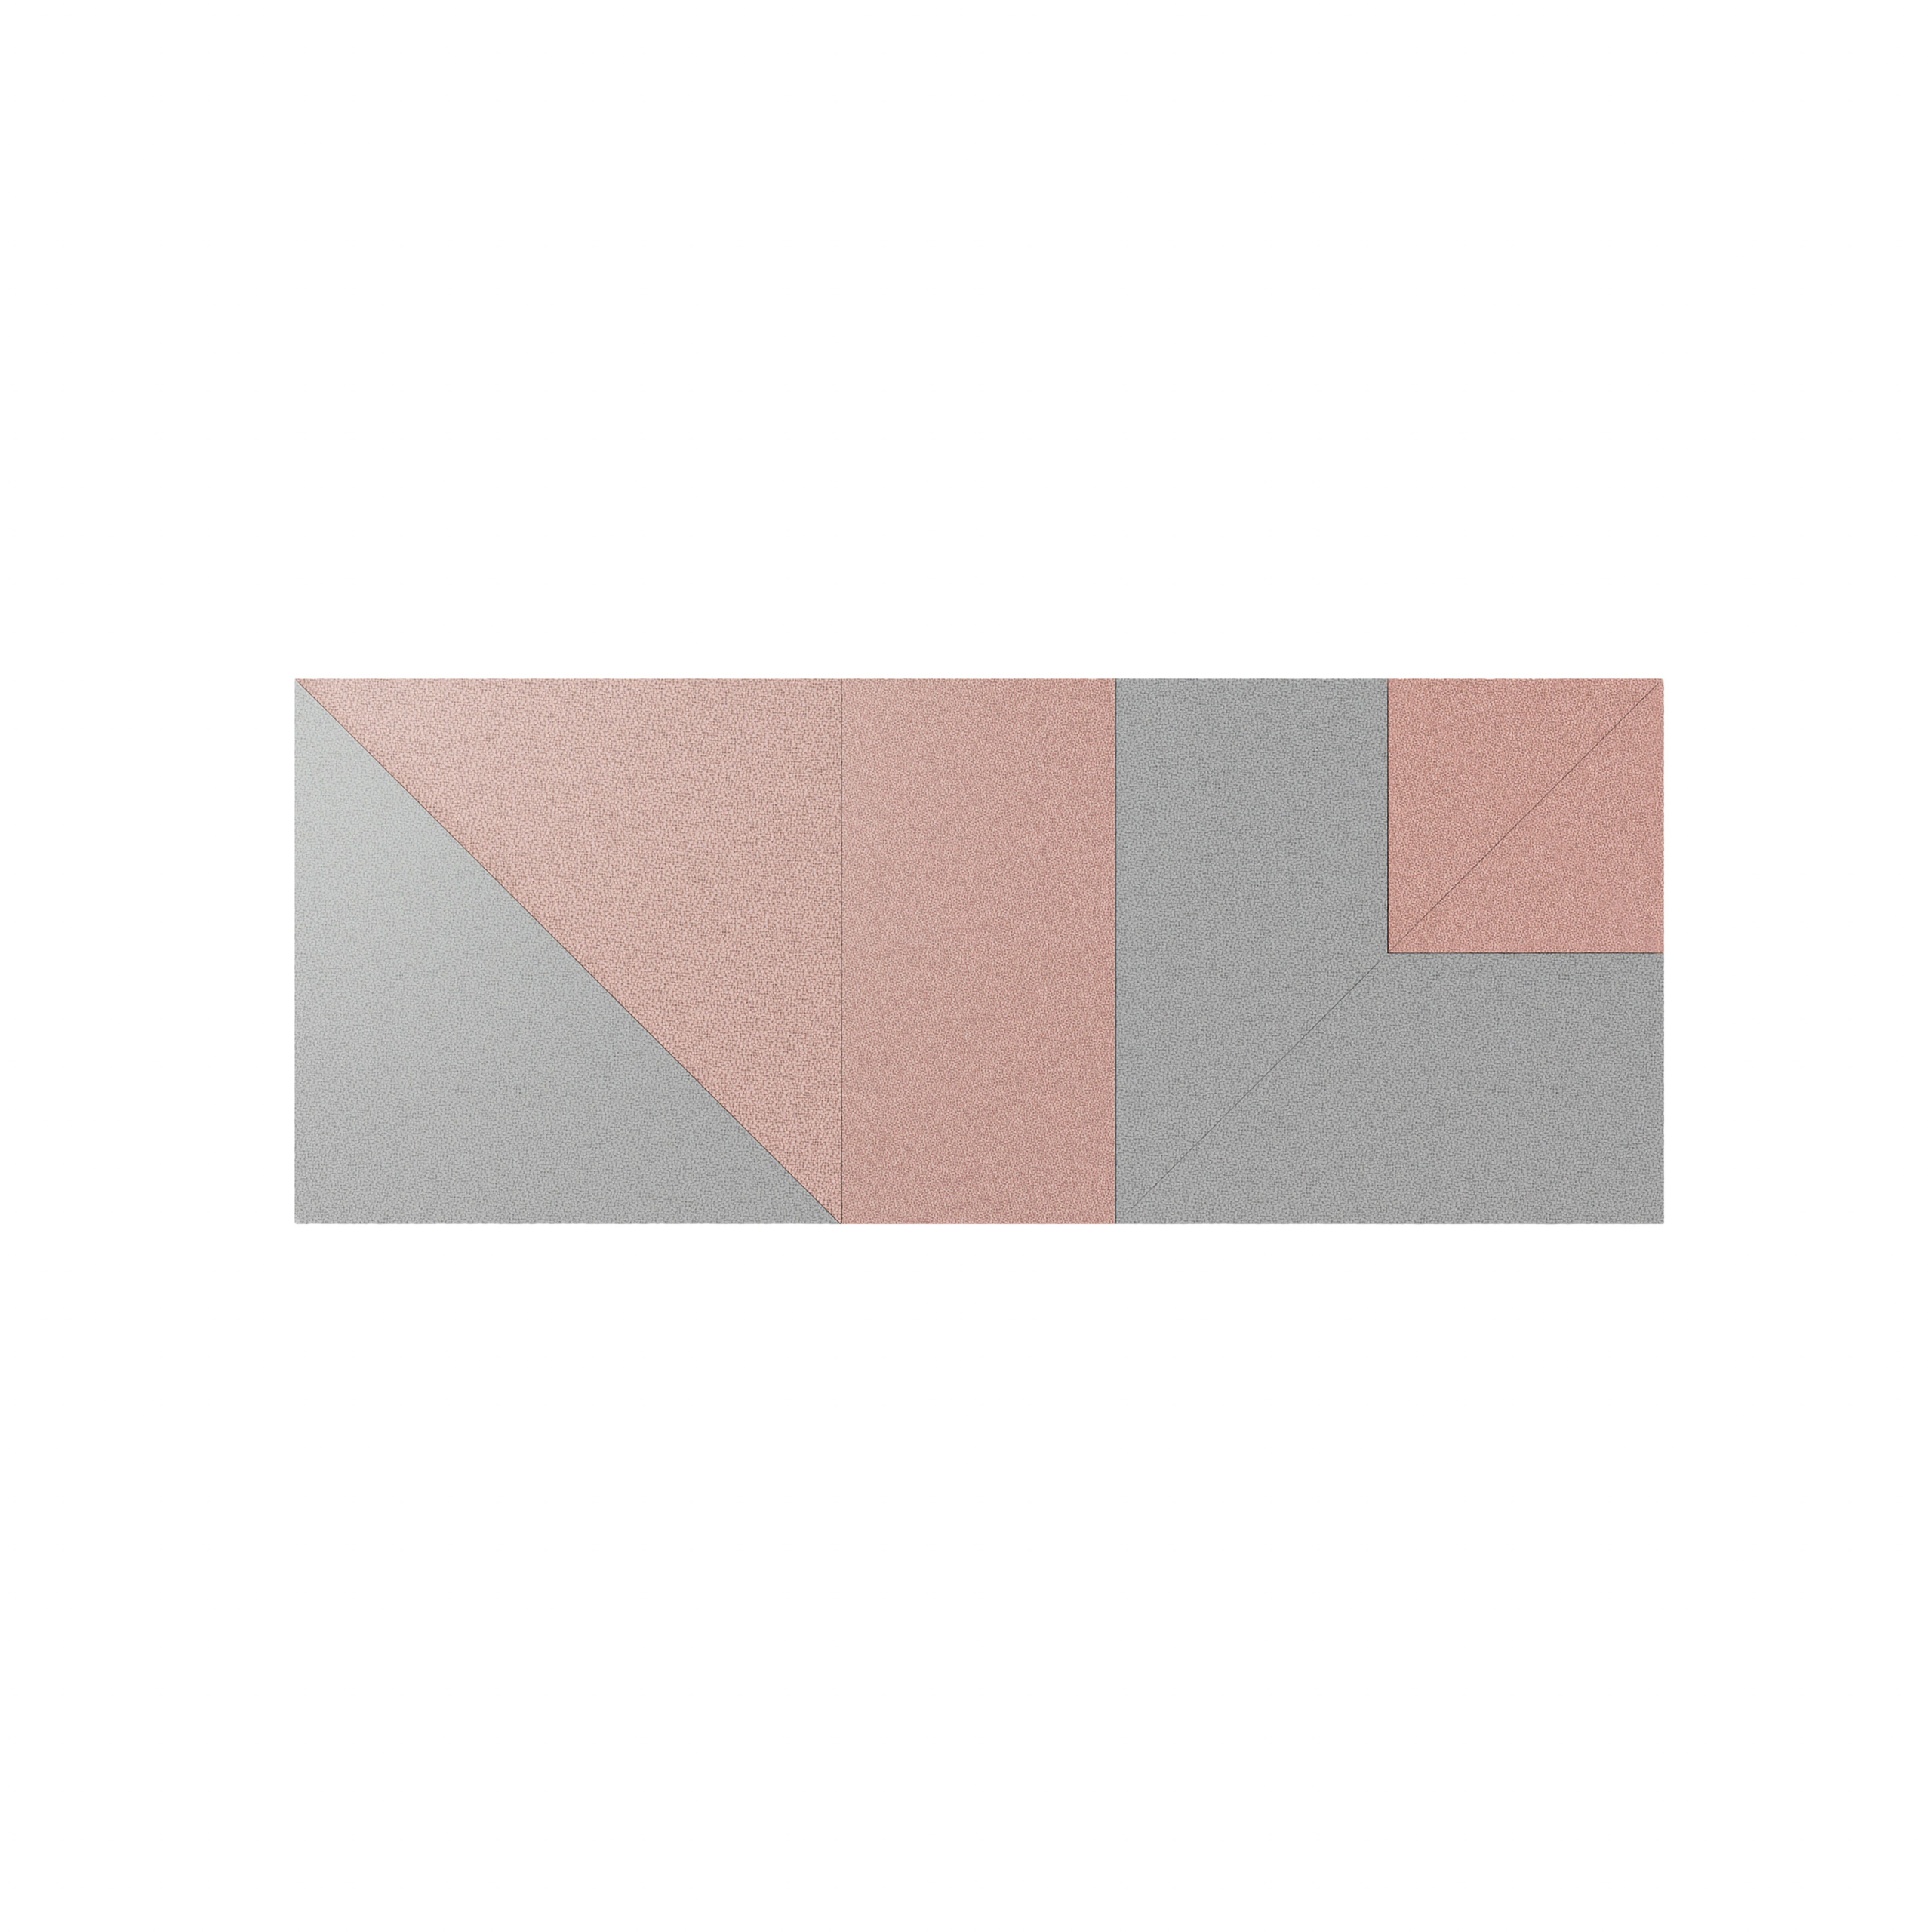 Kite Väggskärm produktbild 2